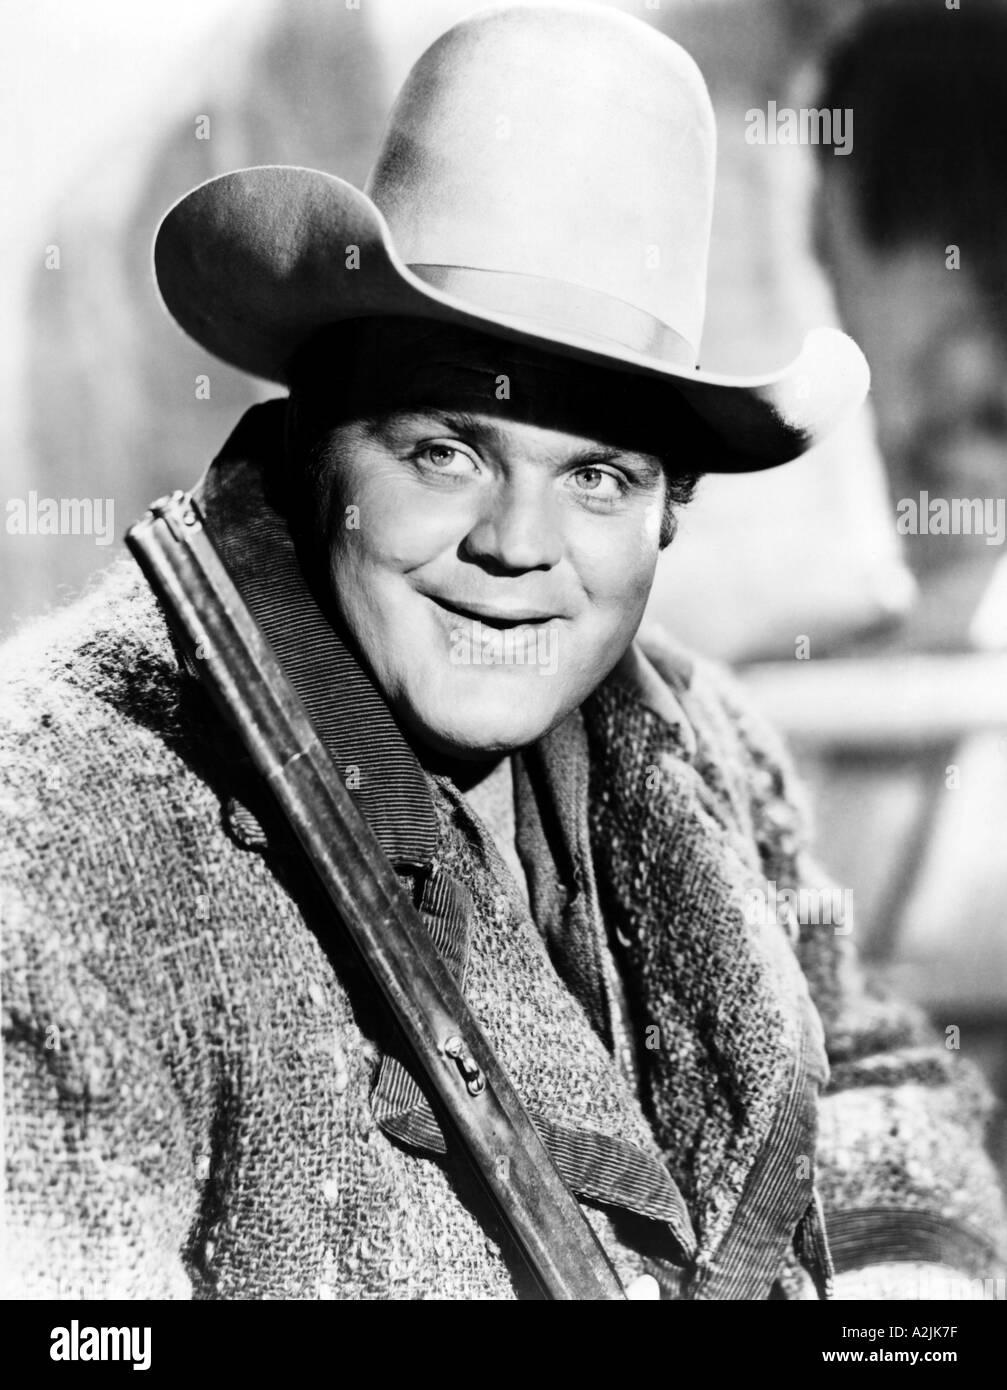 DAN BLOCKER American actor here in TV series Bonanza - Stock Image